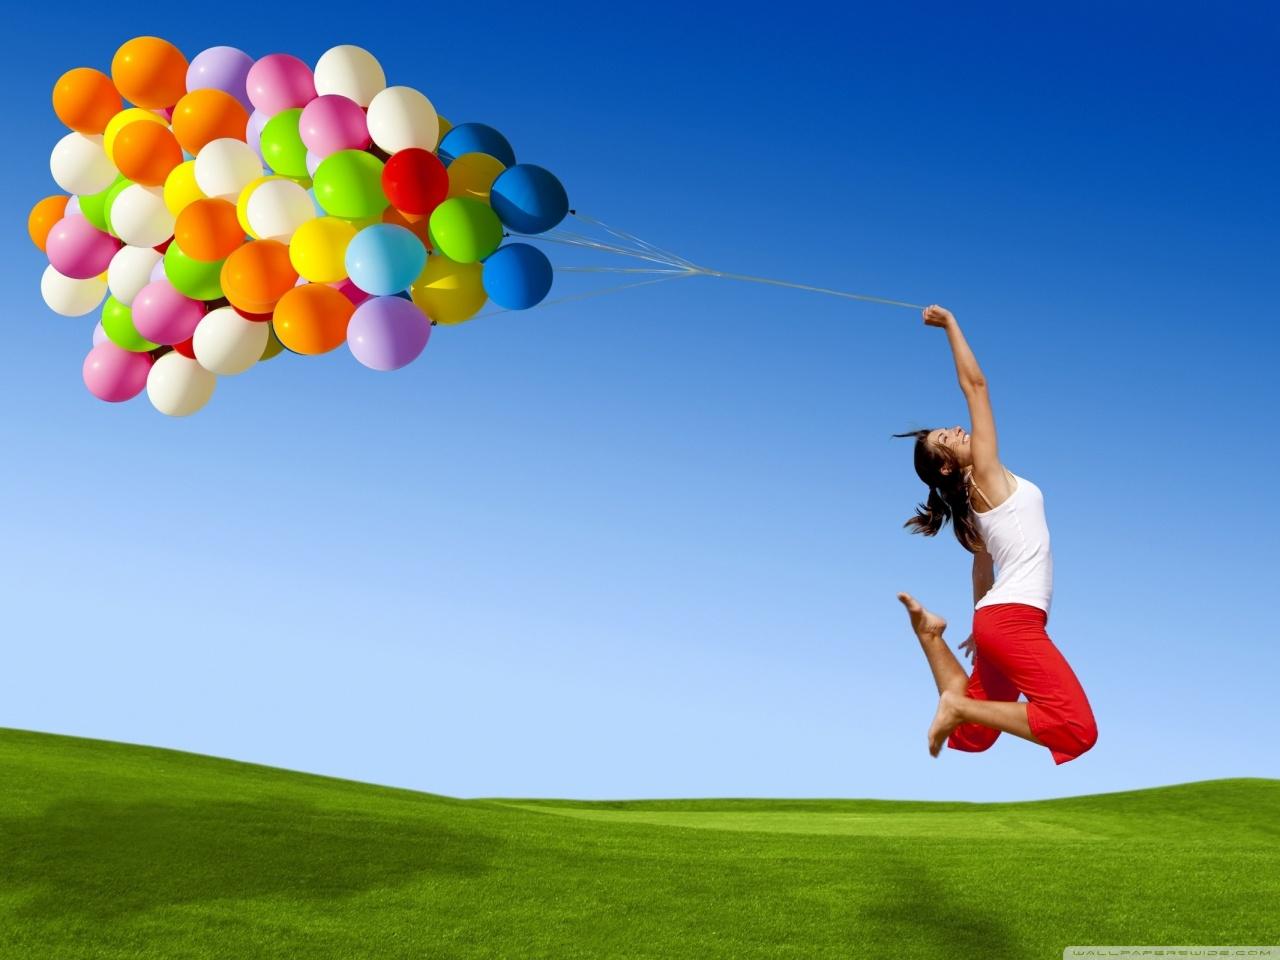 http://3.bp.blogspot.com/-MRyXgjvMles/USq08NsexlI/AAAAAAAAMZA/uJ-bG457MI8/s1600/happiness-wallpaper-1280x960.jpg